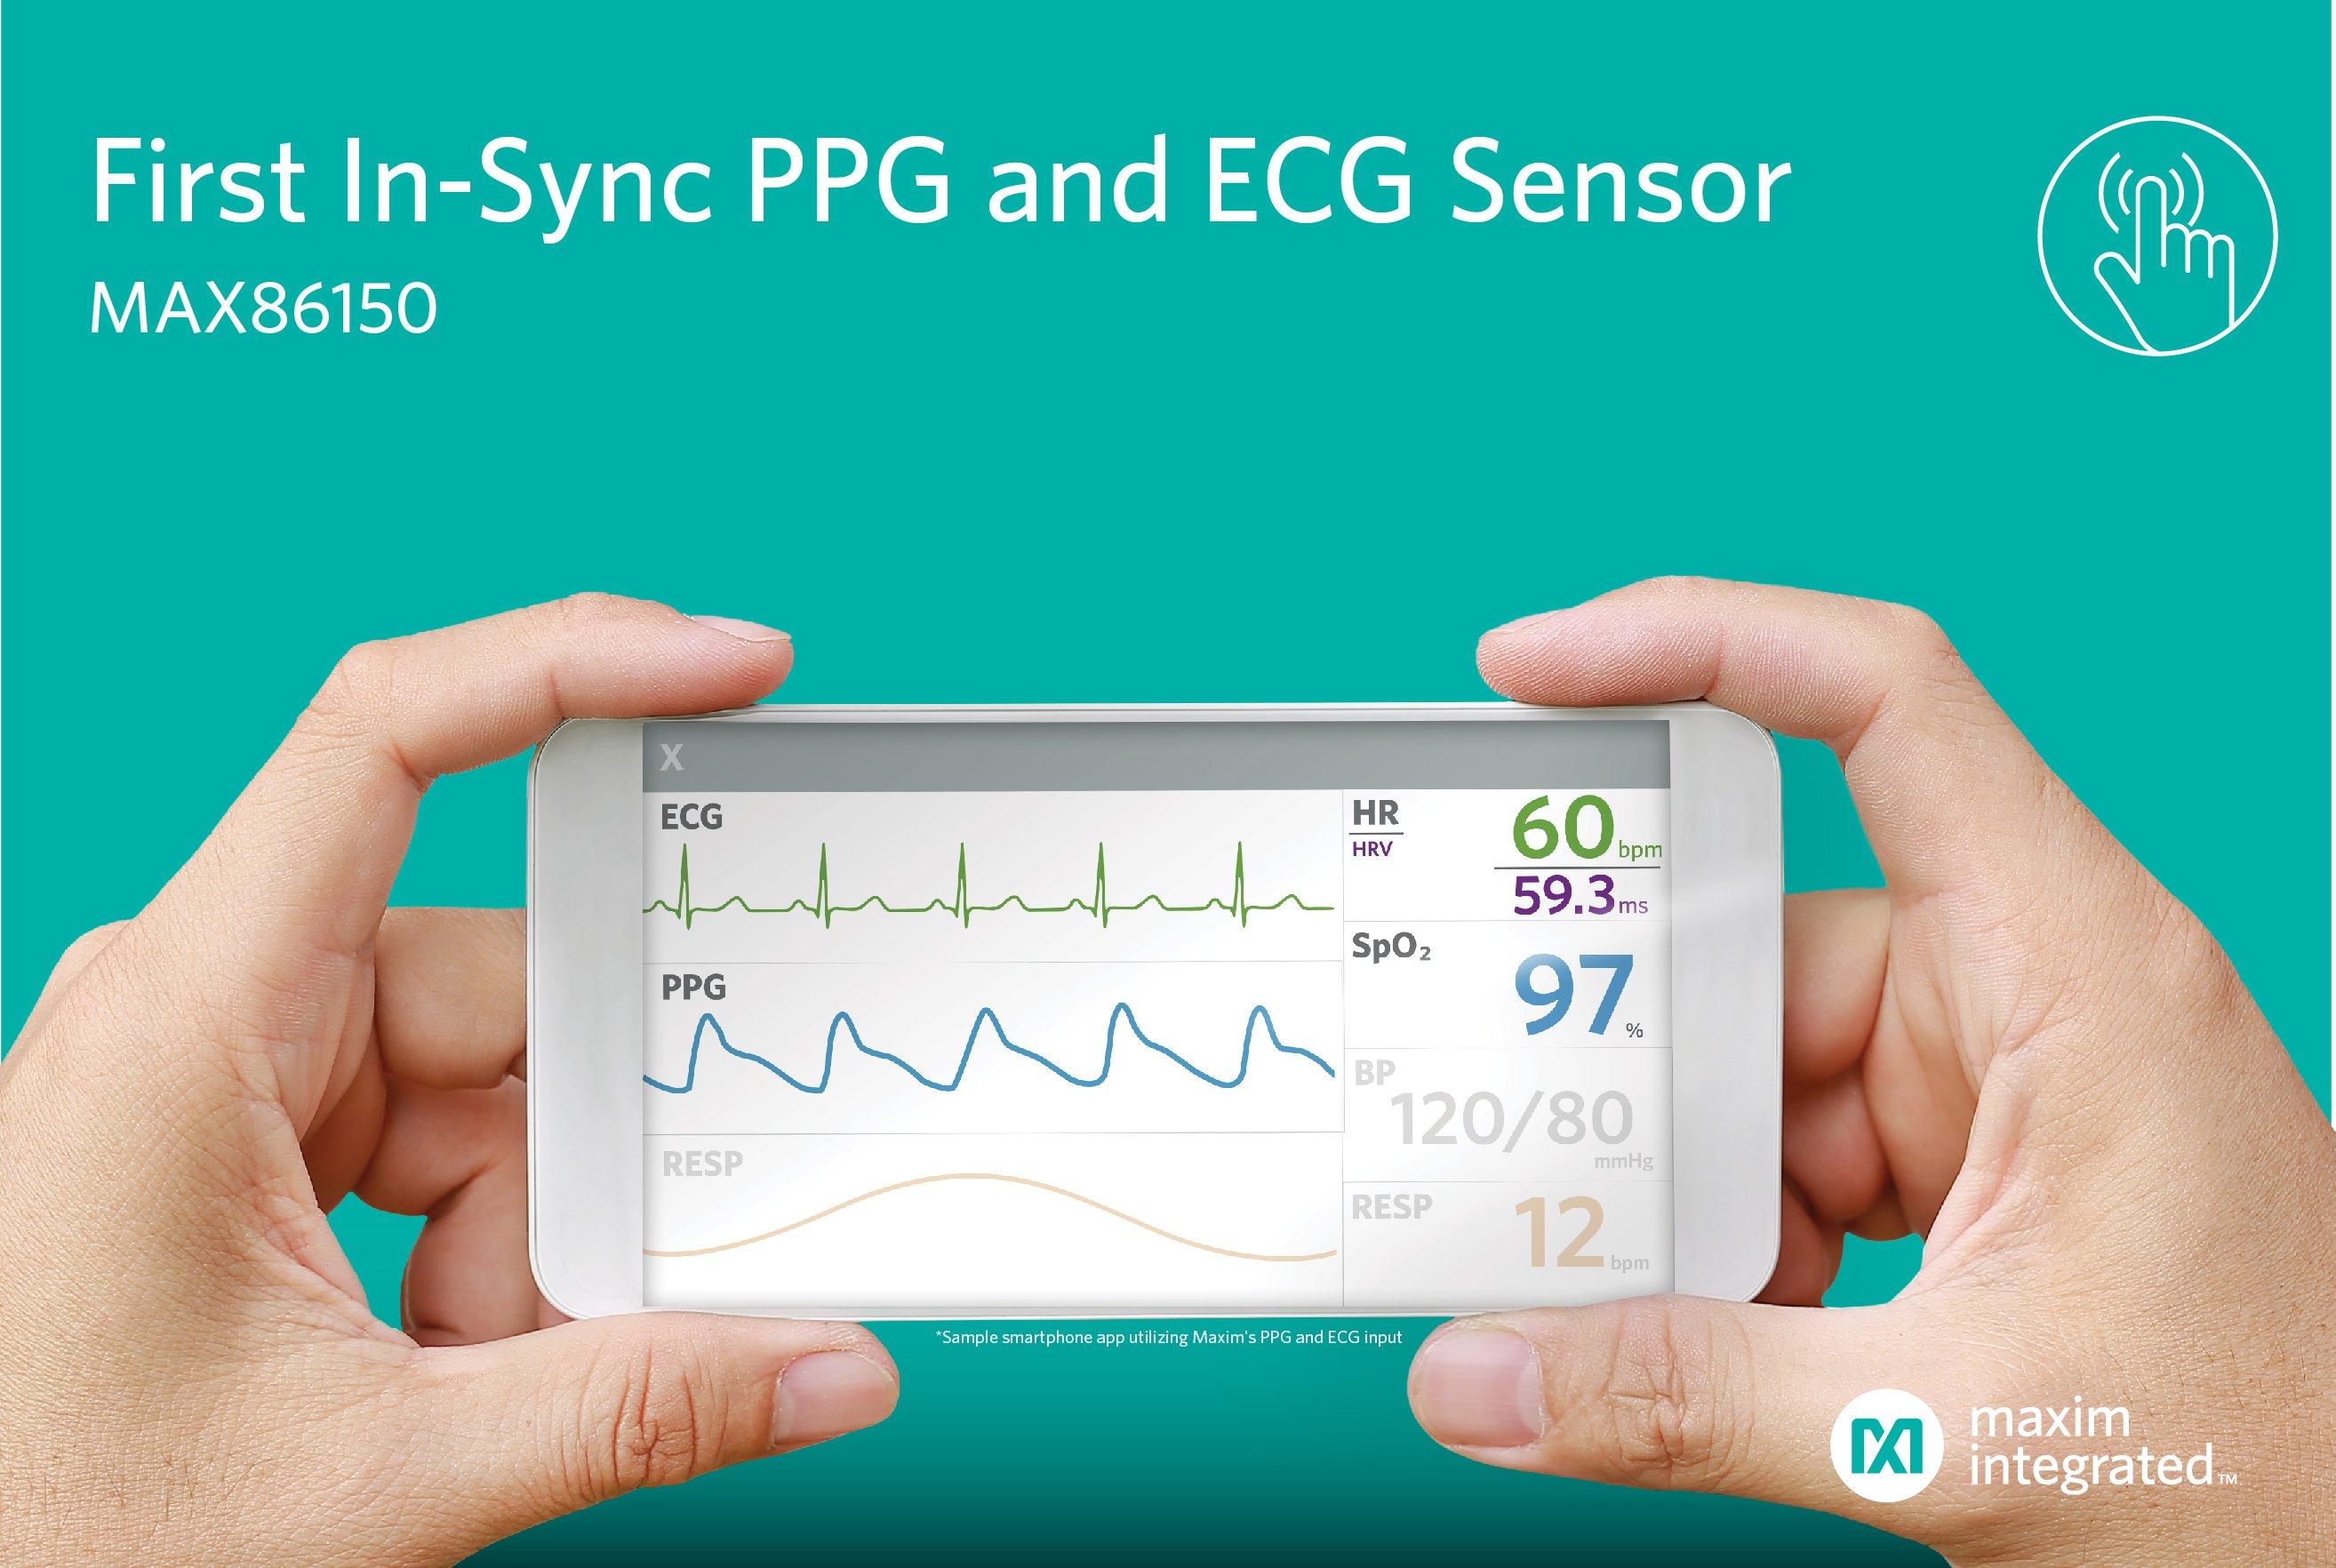 Maxim推出业界首款适用于移动设备的PPG和ECG生物传感器模块